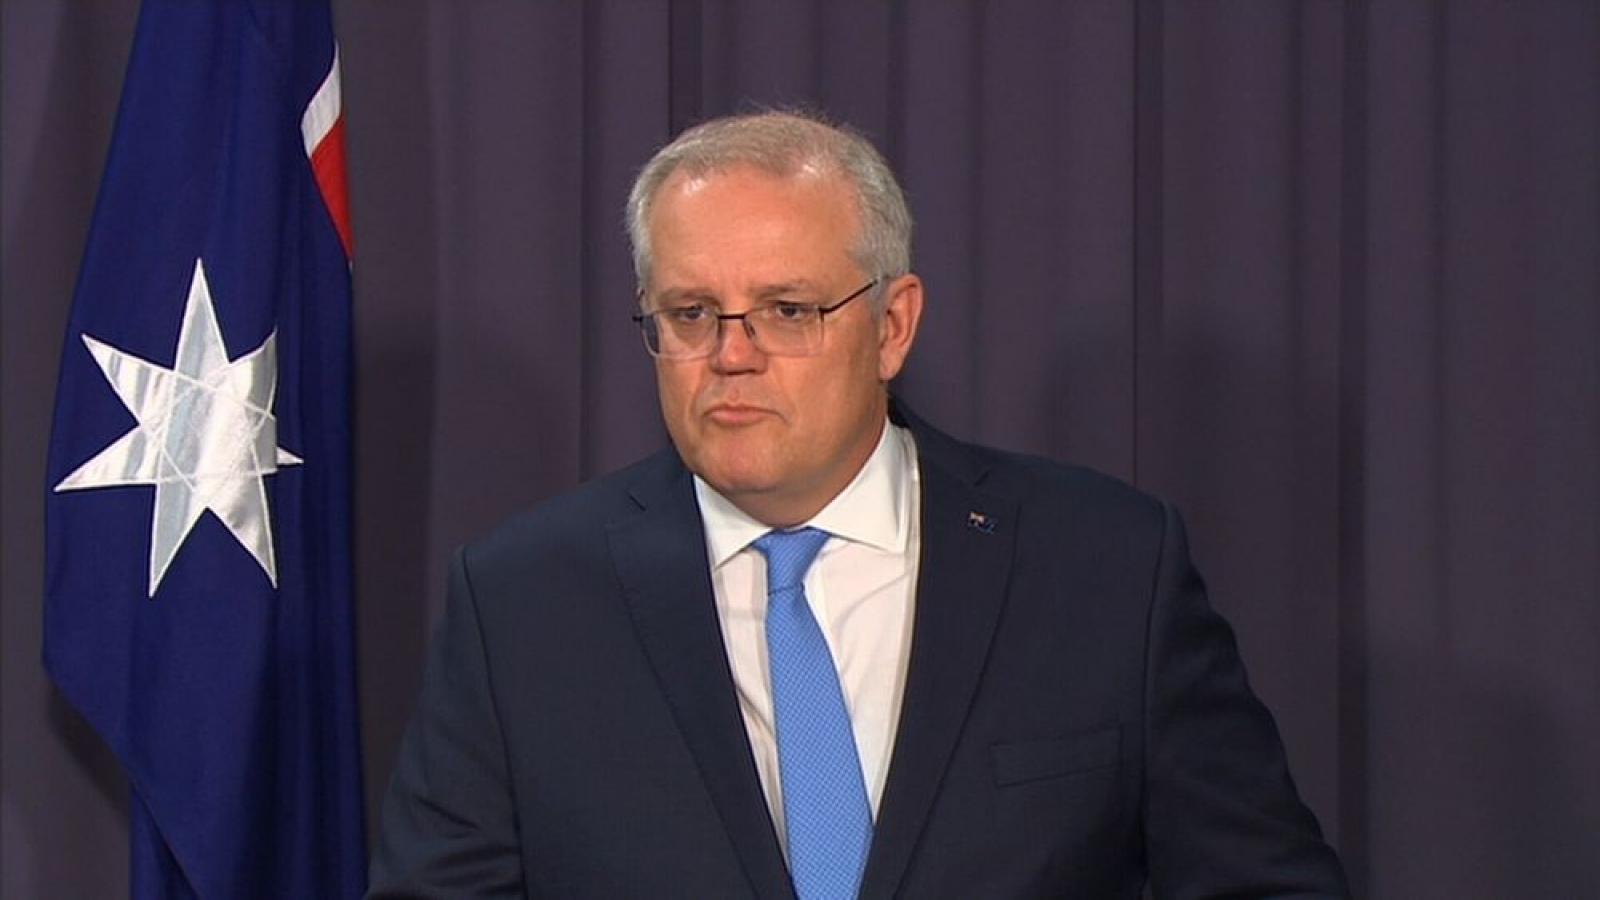 Thủ tướng Australia thăm Nhật Bản bàn cách phối hợp với chính quyền mới ở Mỹ